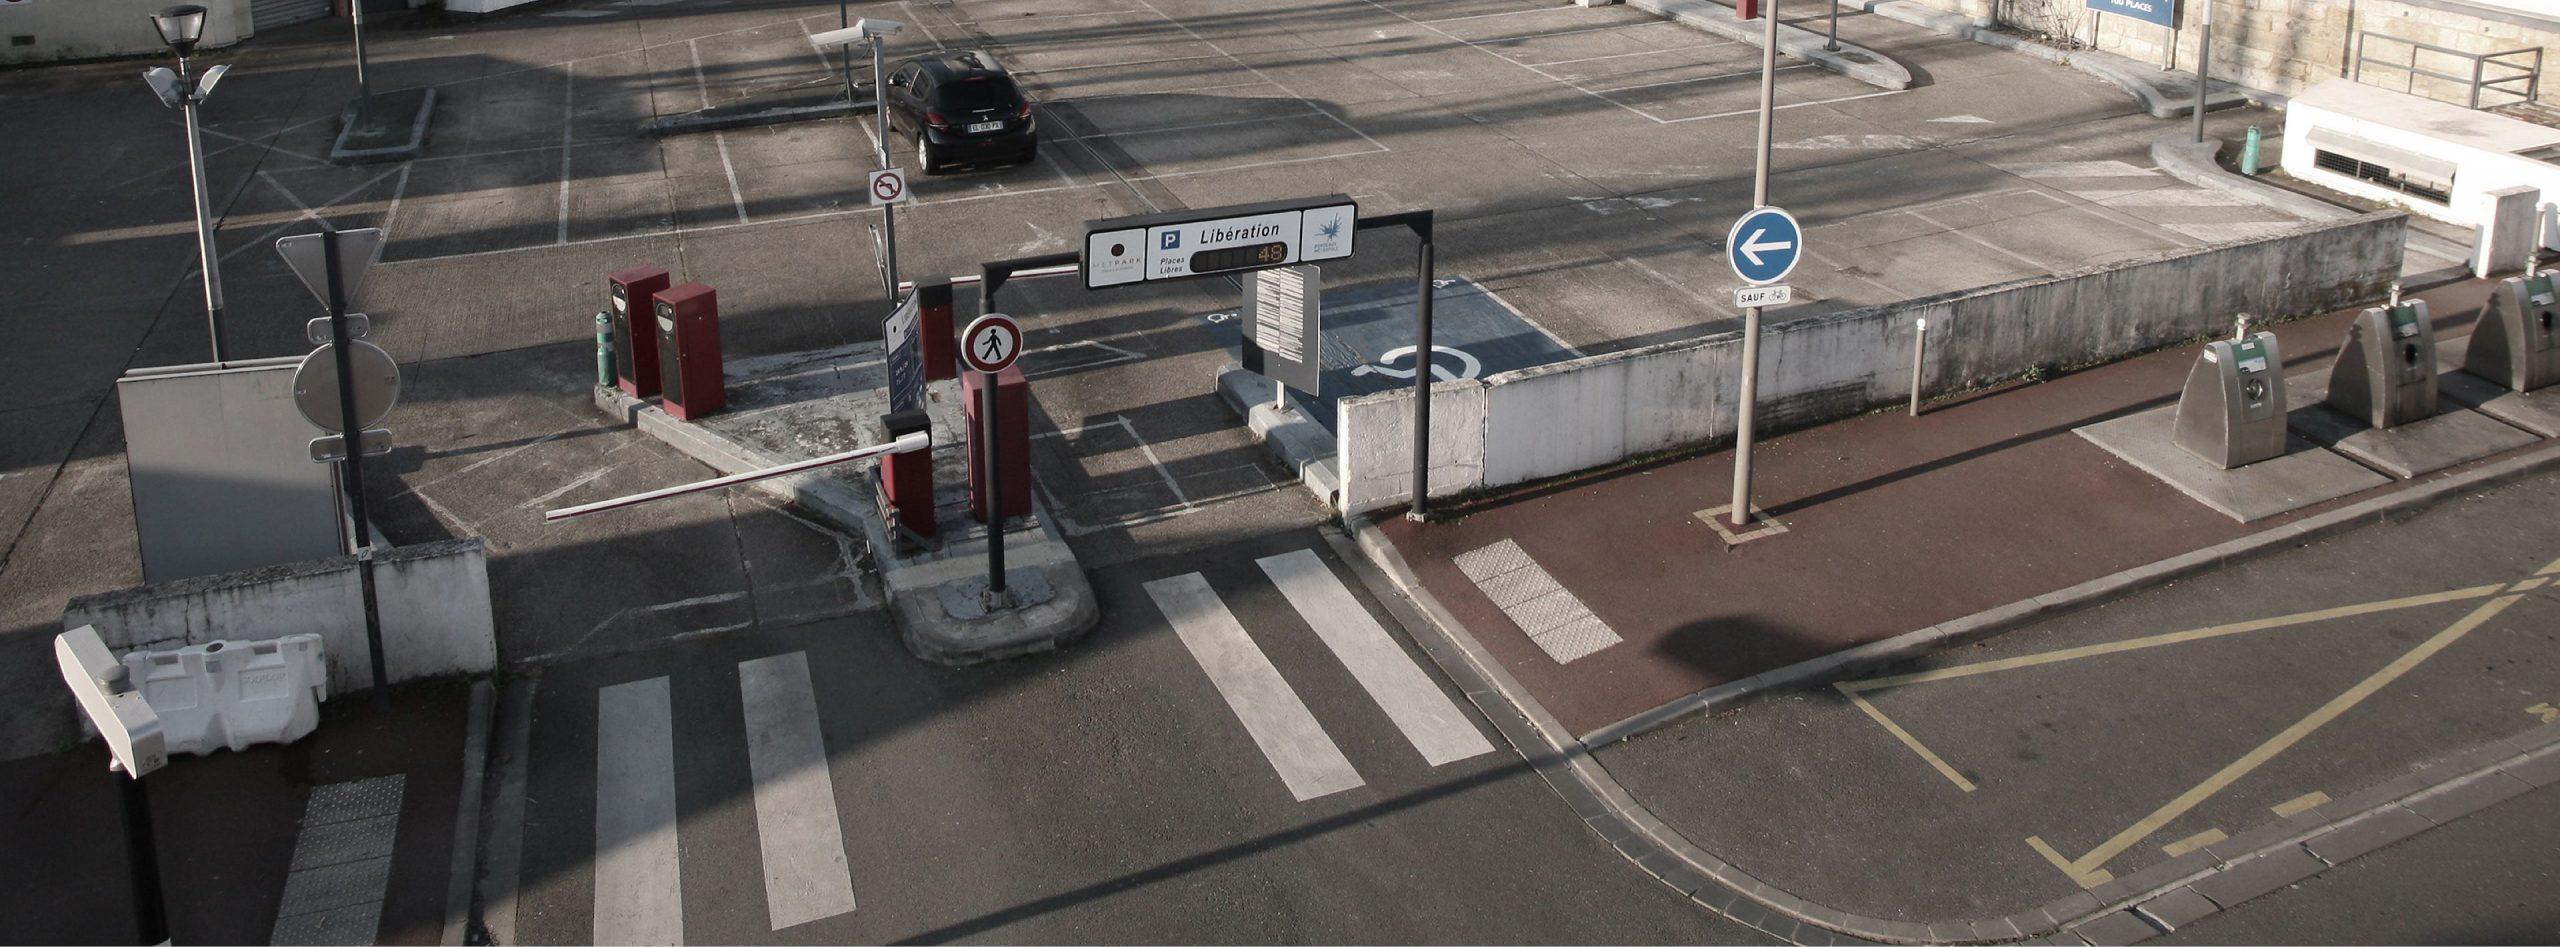 Garez-vous au parking Libération METPARK au Bouscat proche de la barrière du Bouscat. Bon plan parking pour aller dans Bordeaux par le tramway D.